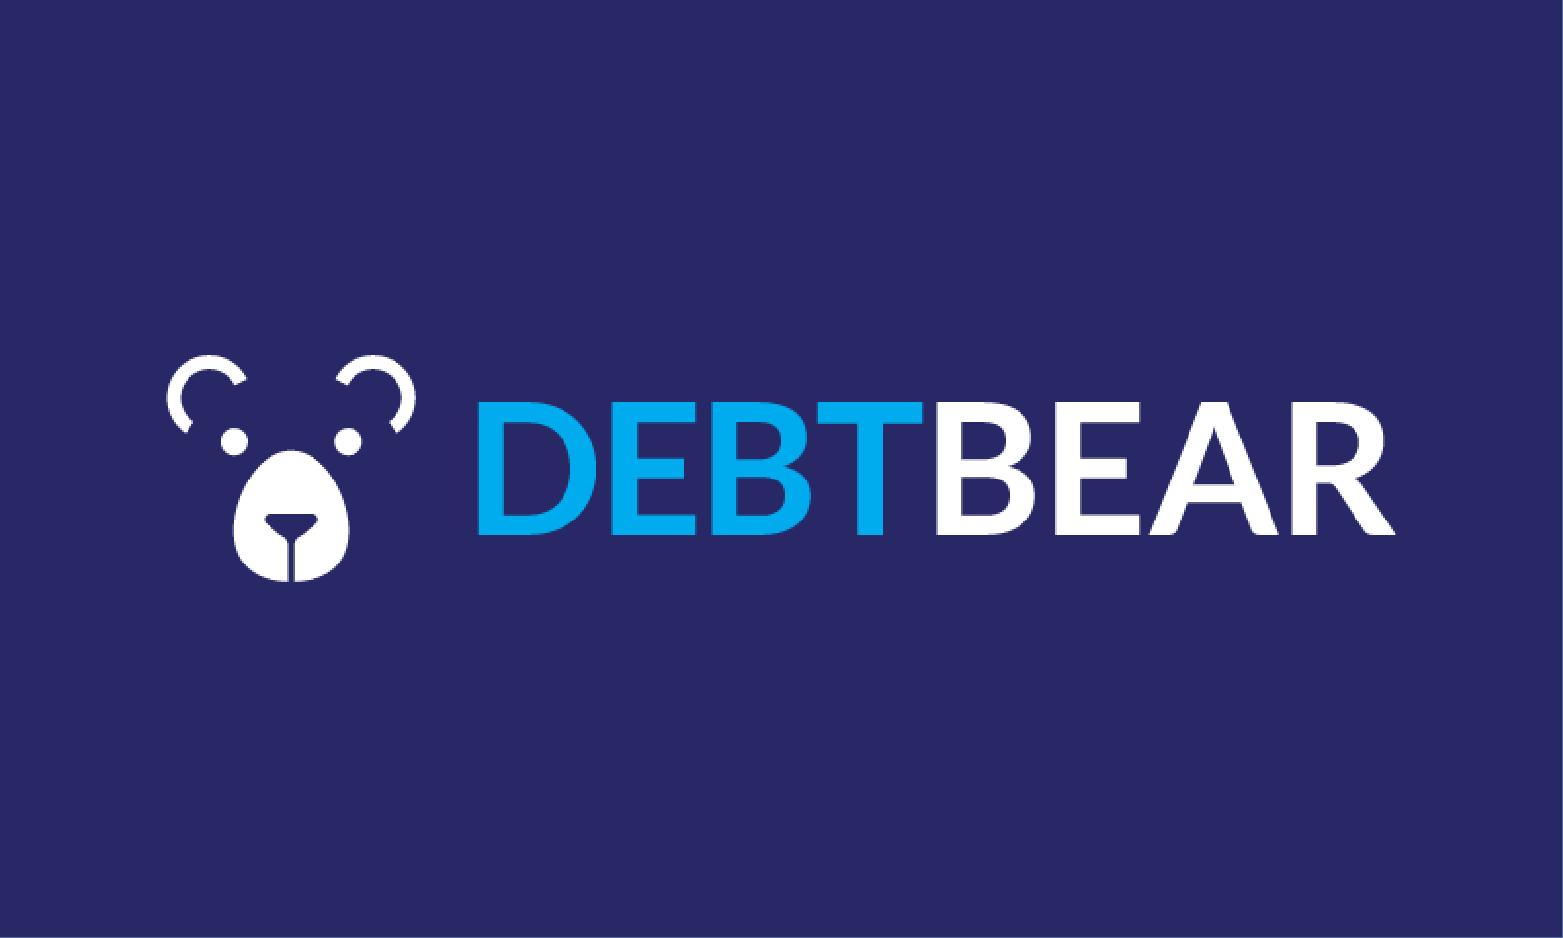 DebtBear.com